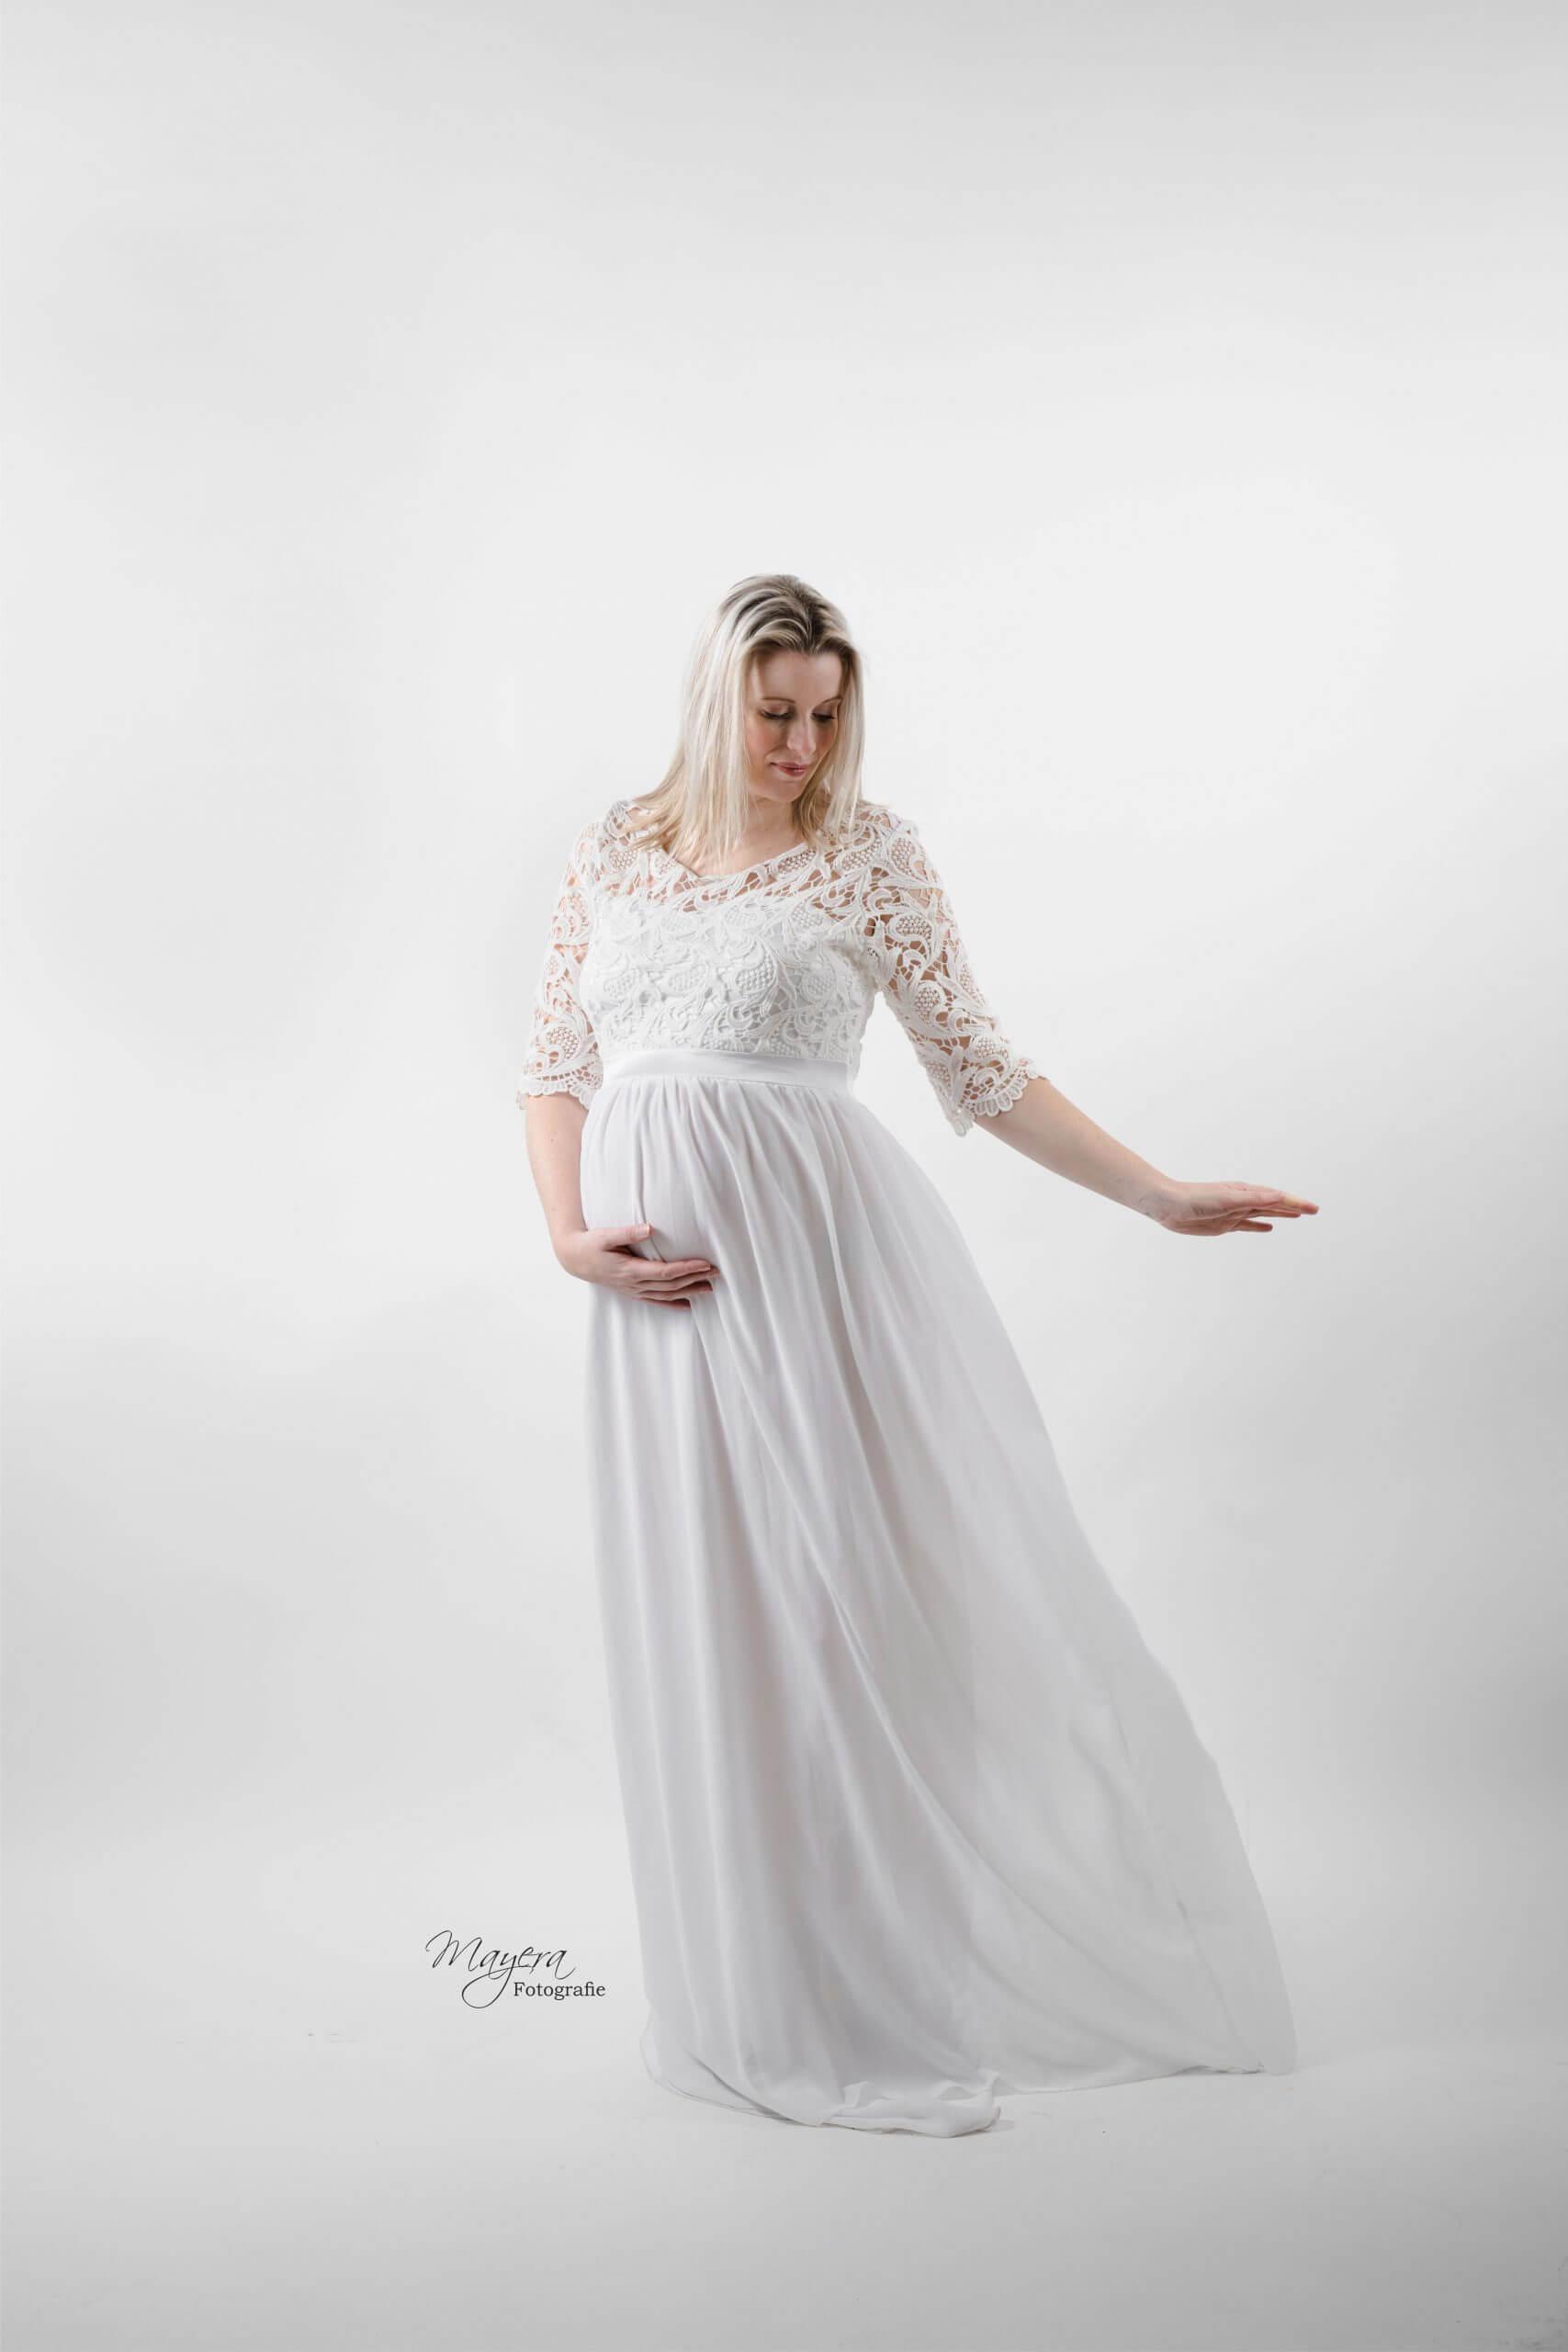 Angel zwangerschapsjurk studio licht doek wijk bij duurstede